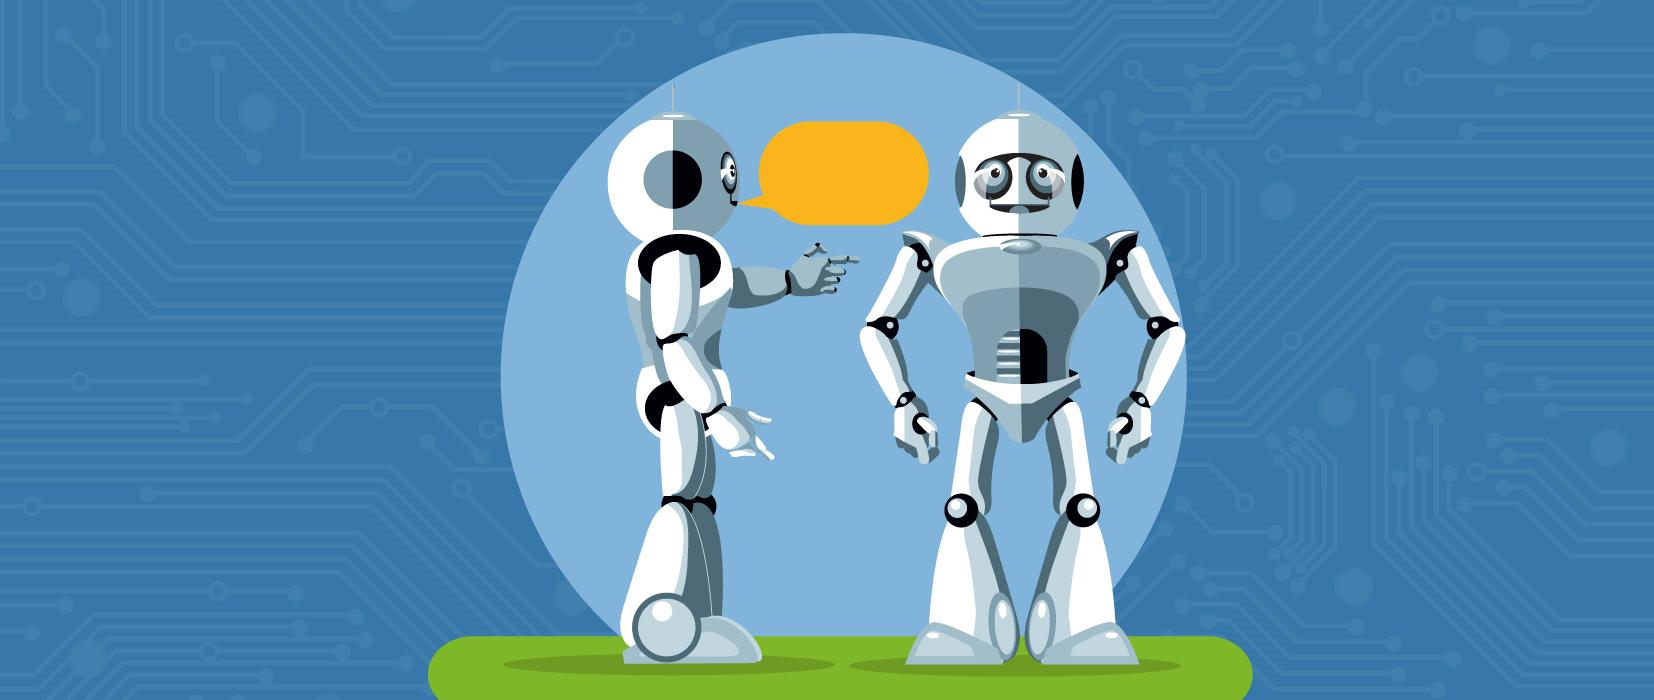 Unterhalten sich zwei Roboter